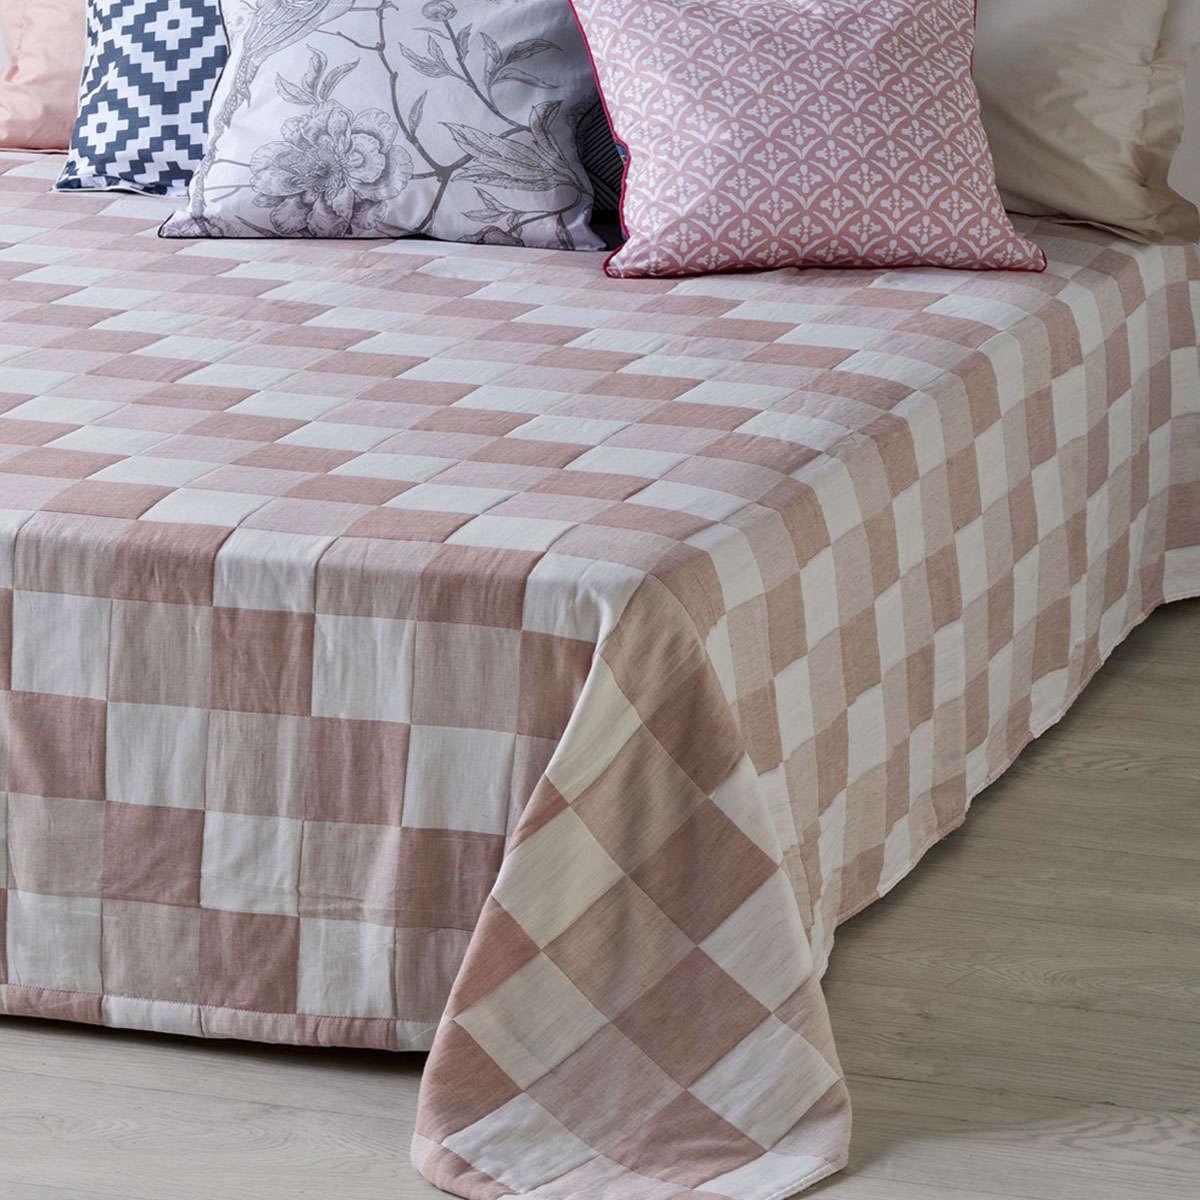 Κουβέρτα Ethel 18 Somon Ματλασέ Kentia Μονό 160x240cm